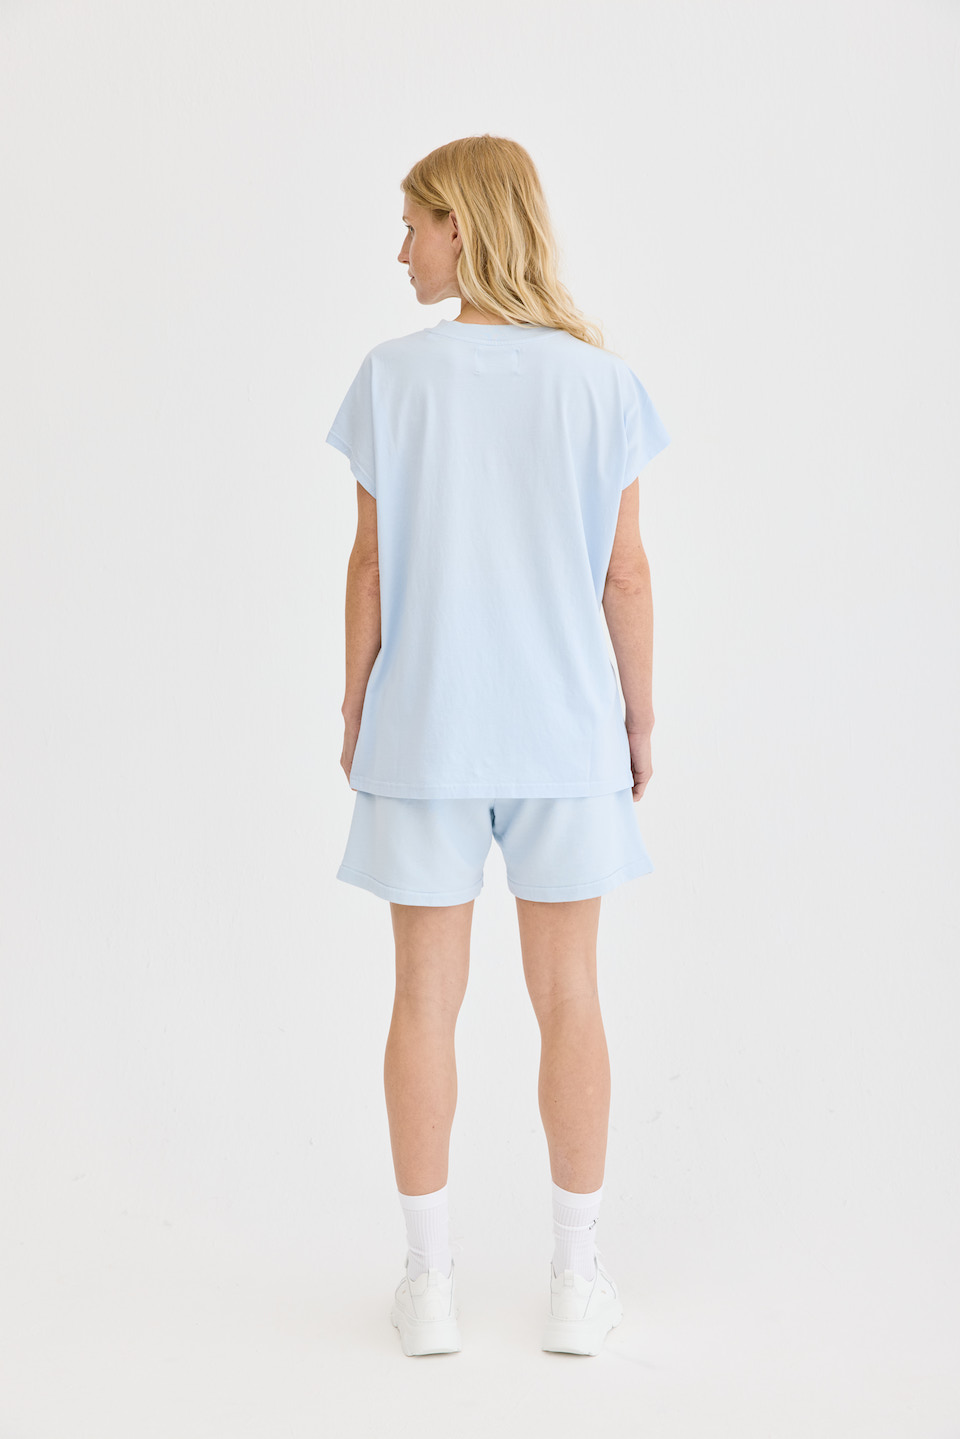 CPH Shirt 4 org. cotton light blue - alternative 1